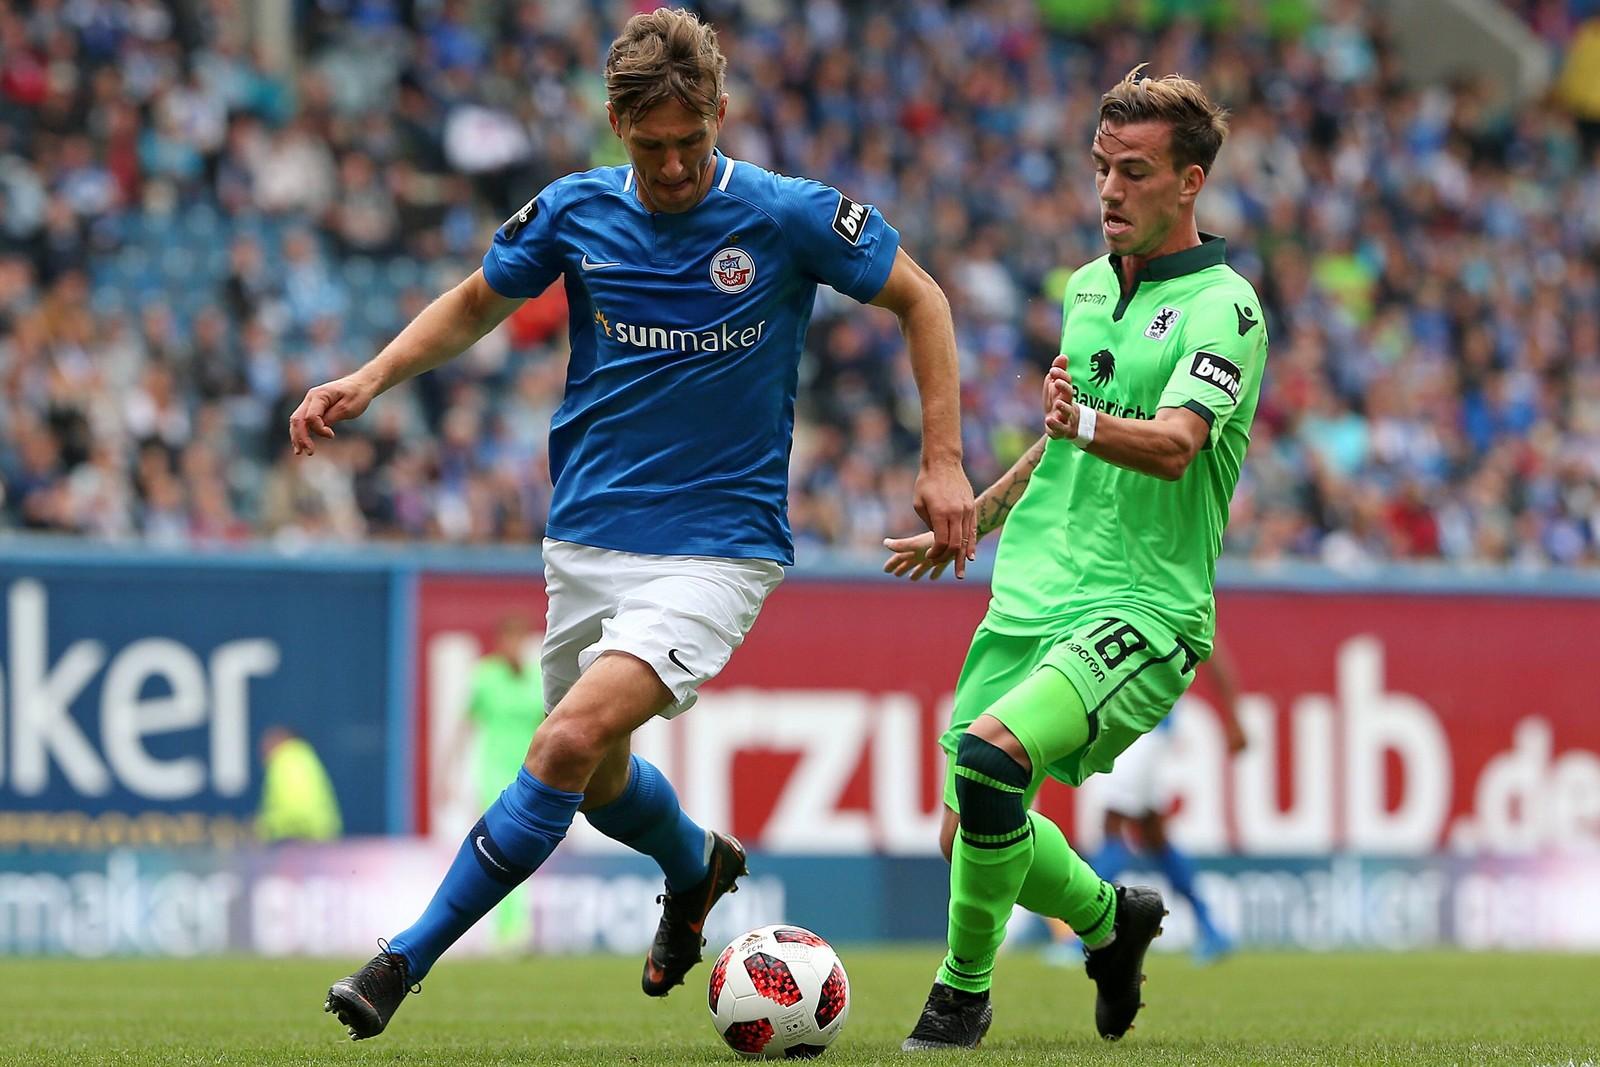 Kai Bülow von Hansa Rostock gegen Nico Karger von 1860 München